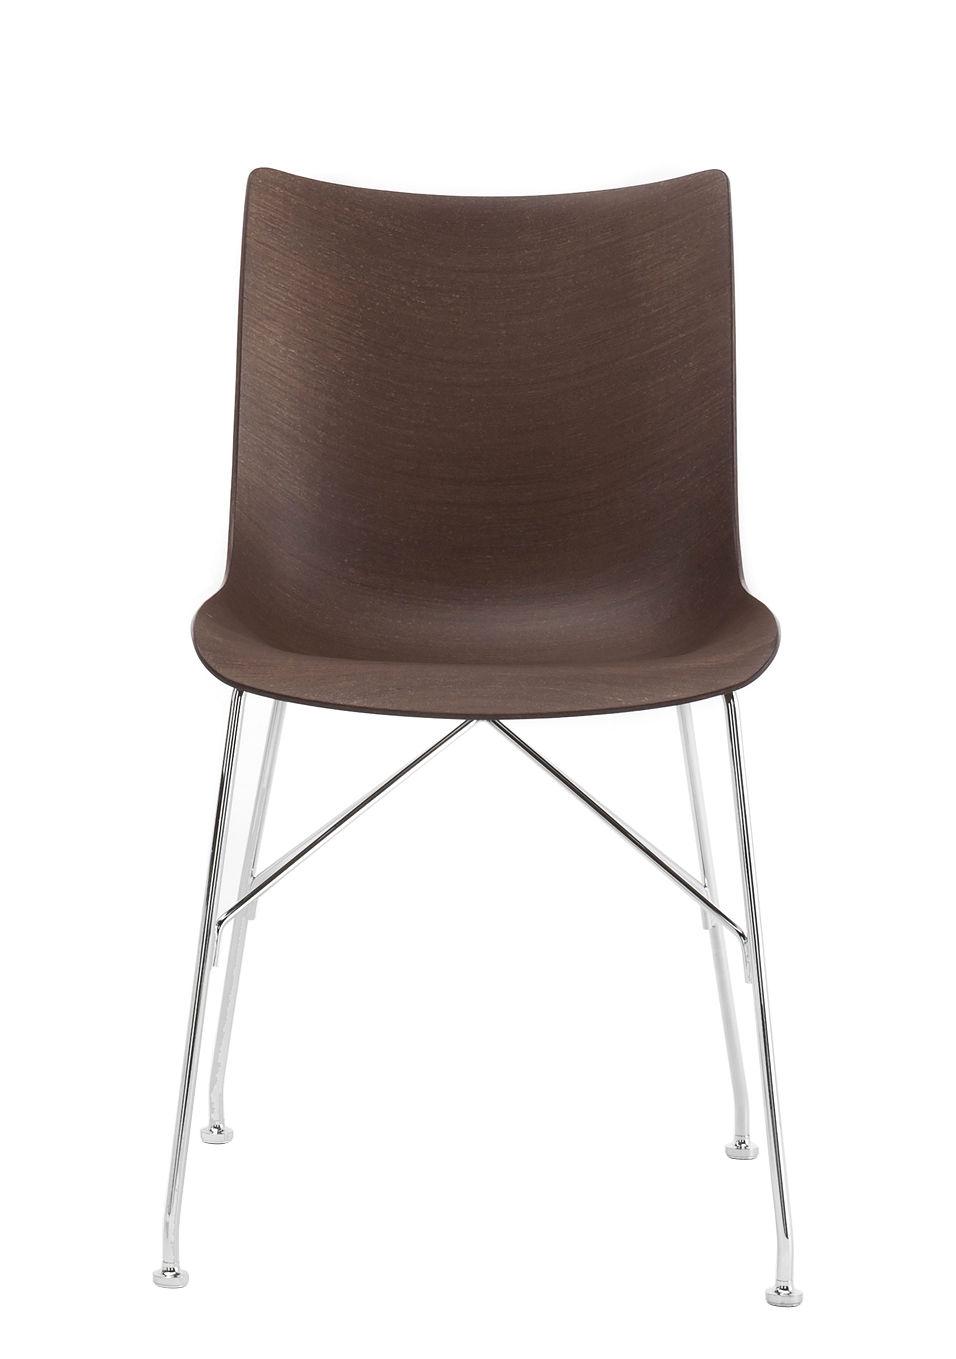 Mobilier - Chaises, fauteuils de salle à manger - Chaise P/Wood / Bois moulé - Kartell - Hêtre foncé / Pied chromé - Acier chromé, Contreplaqué de hêtre teinté foncé moulé